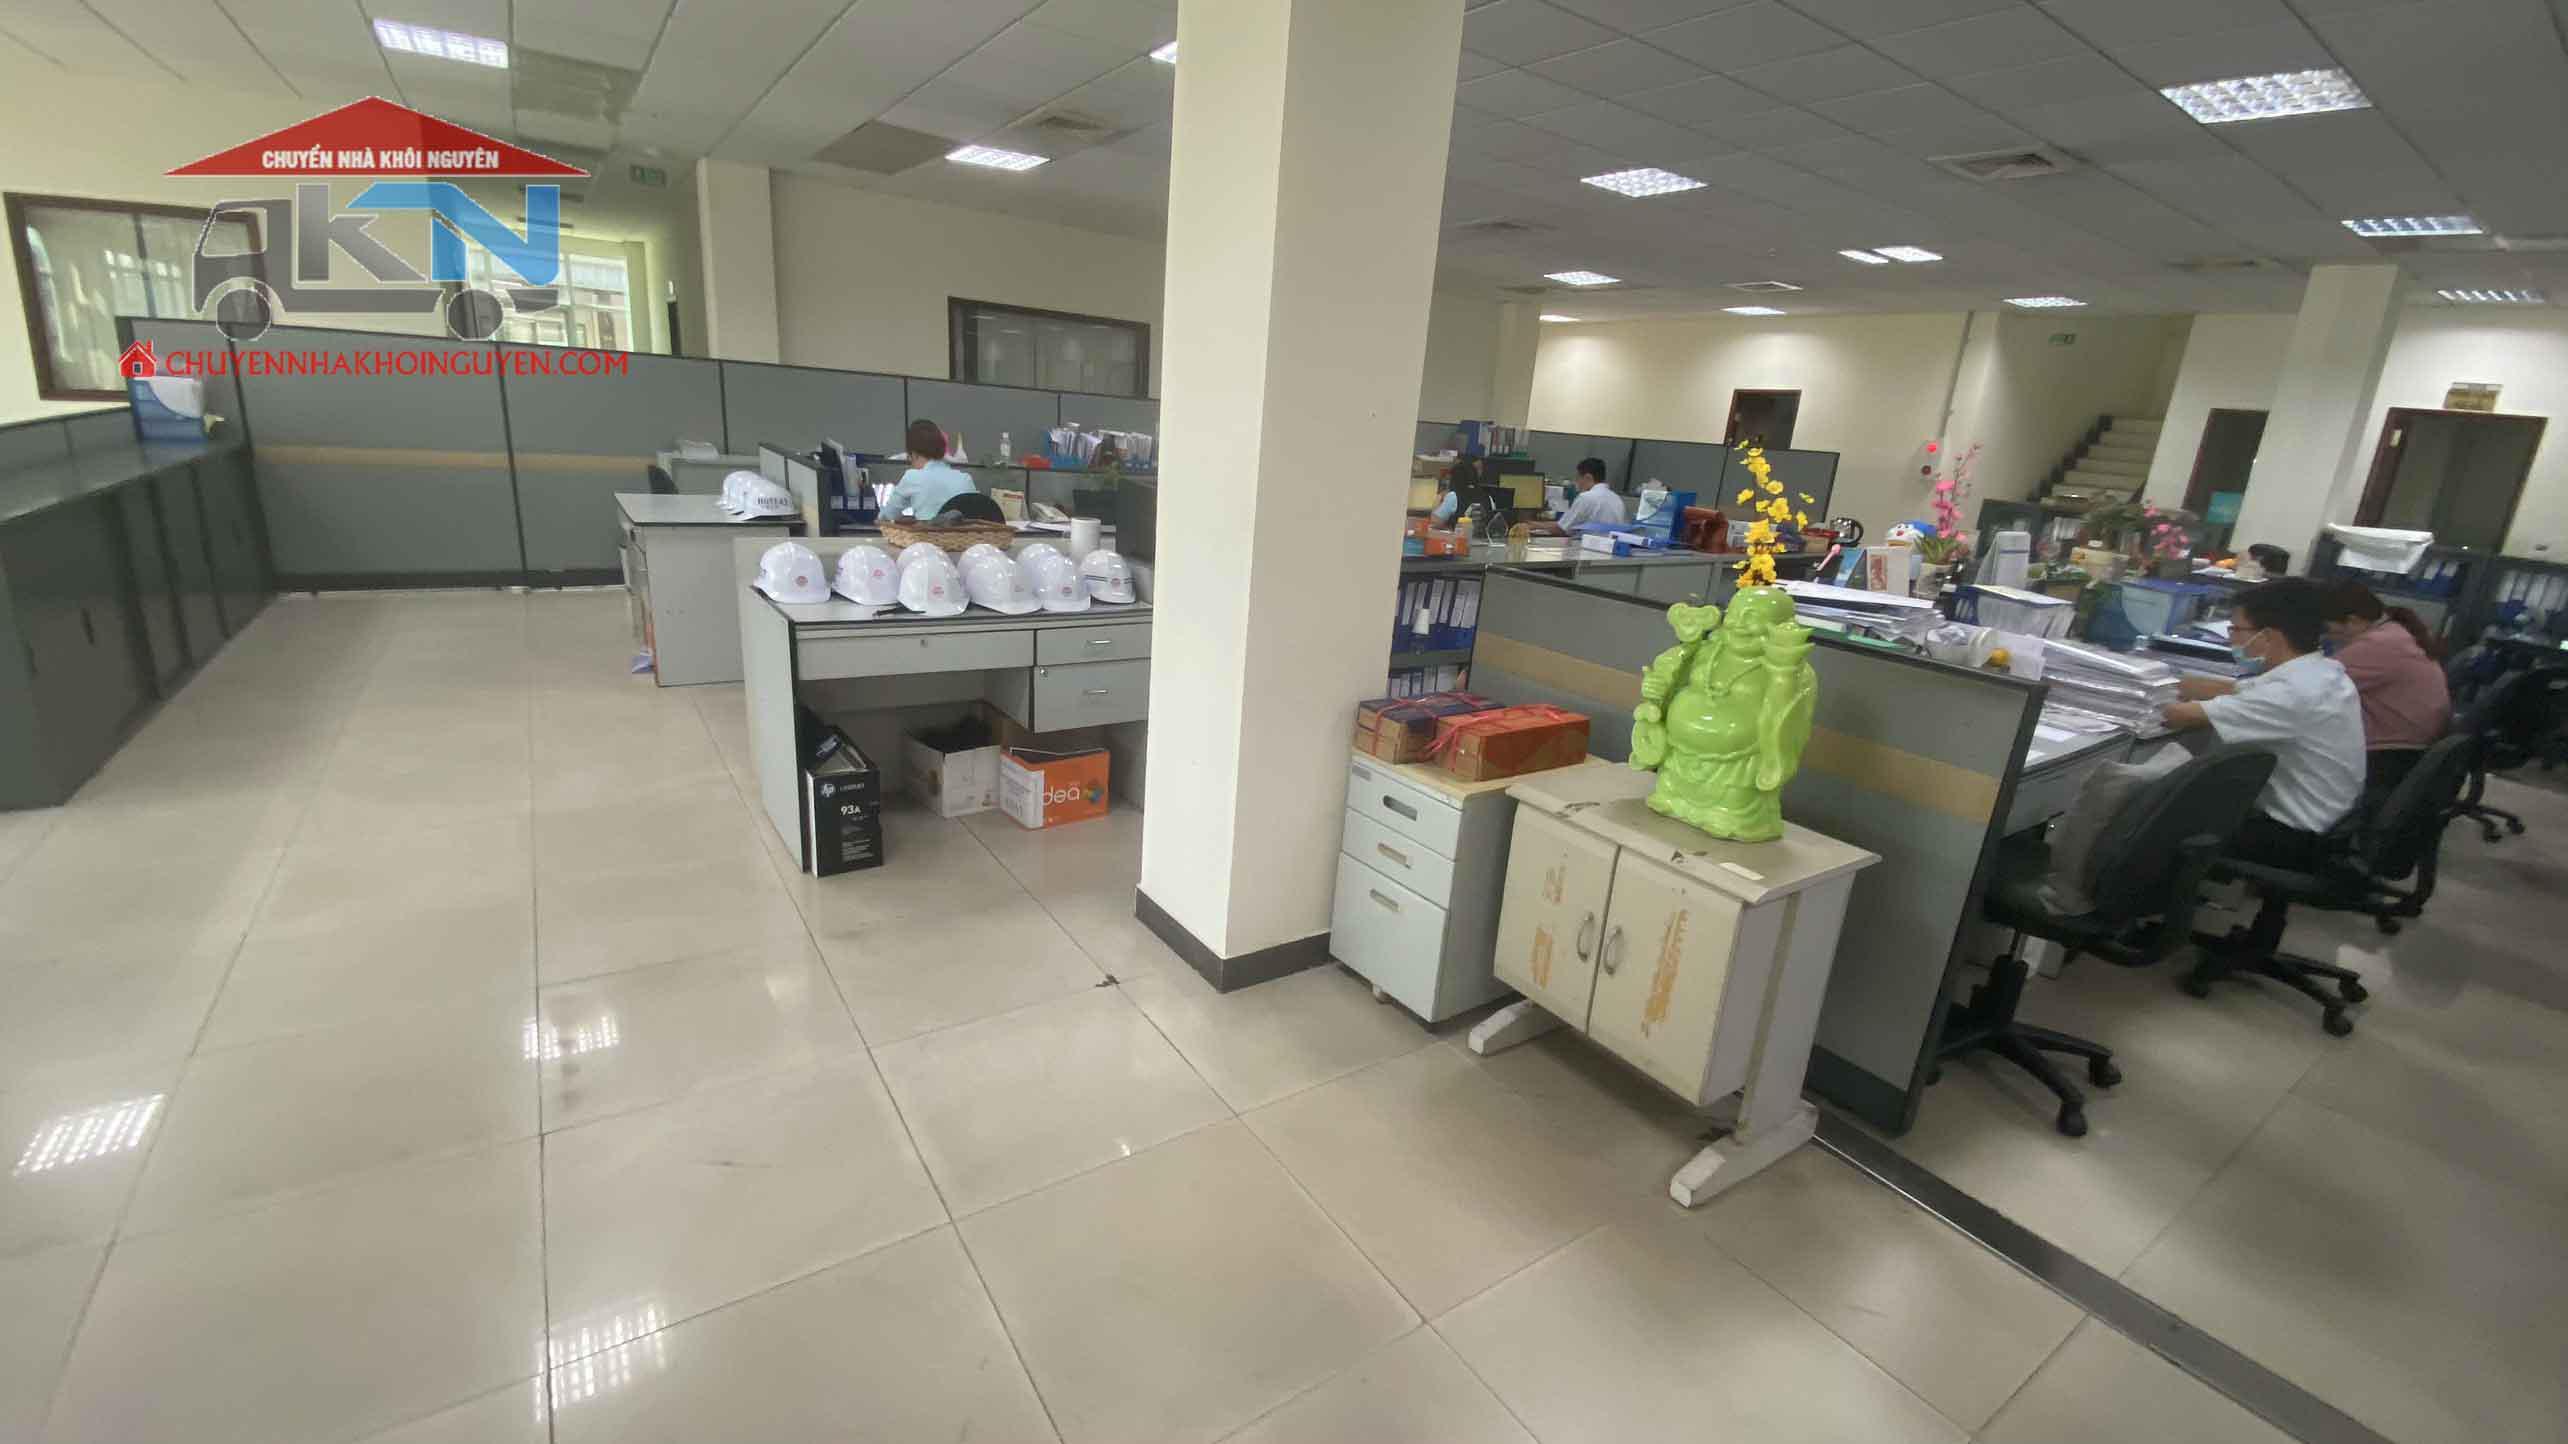 Dịch vụ chuyển văn phòng trọn gói Biên Hòa, Đồng Nai